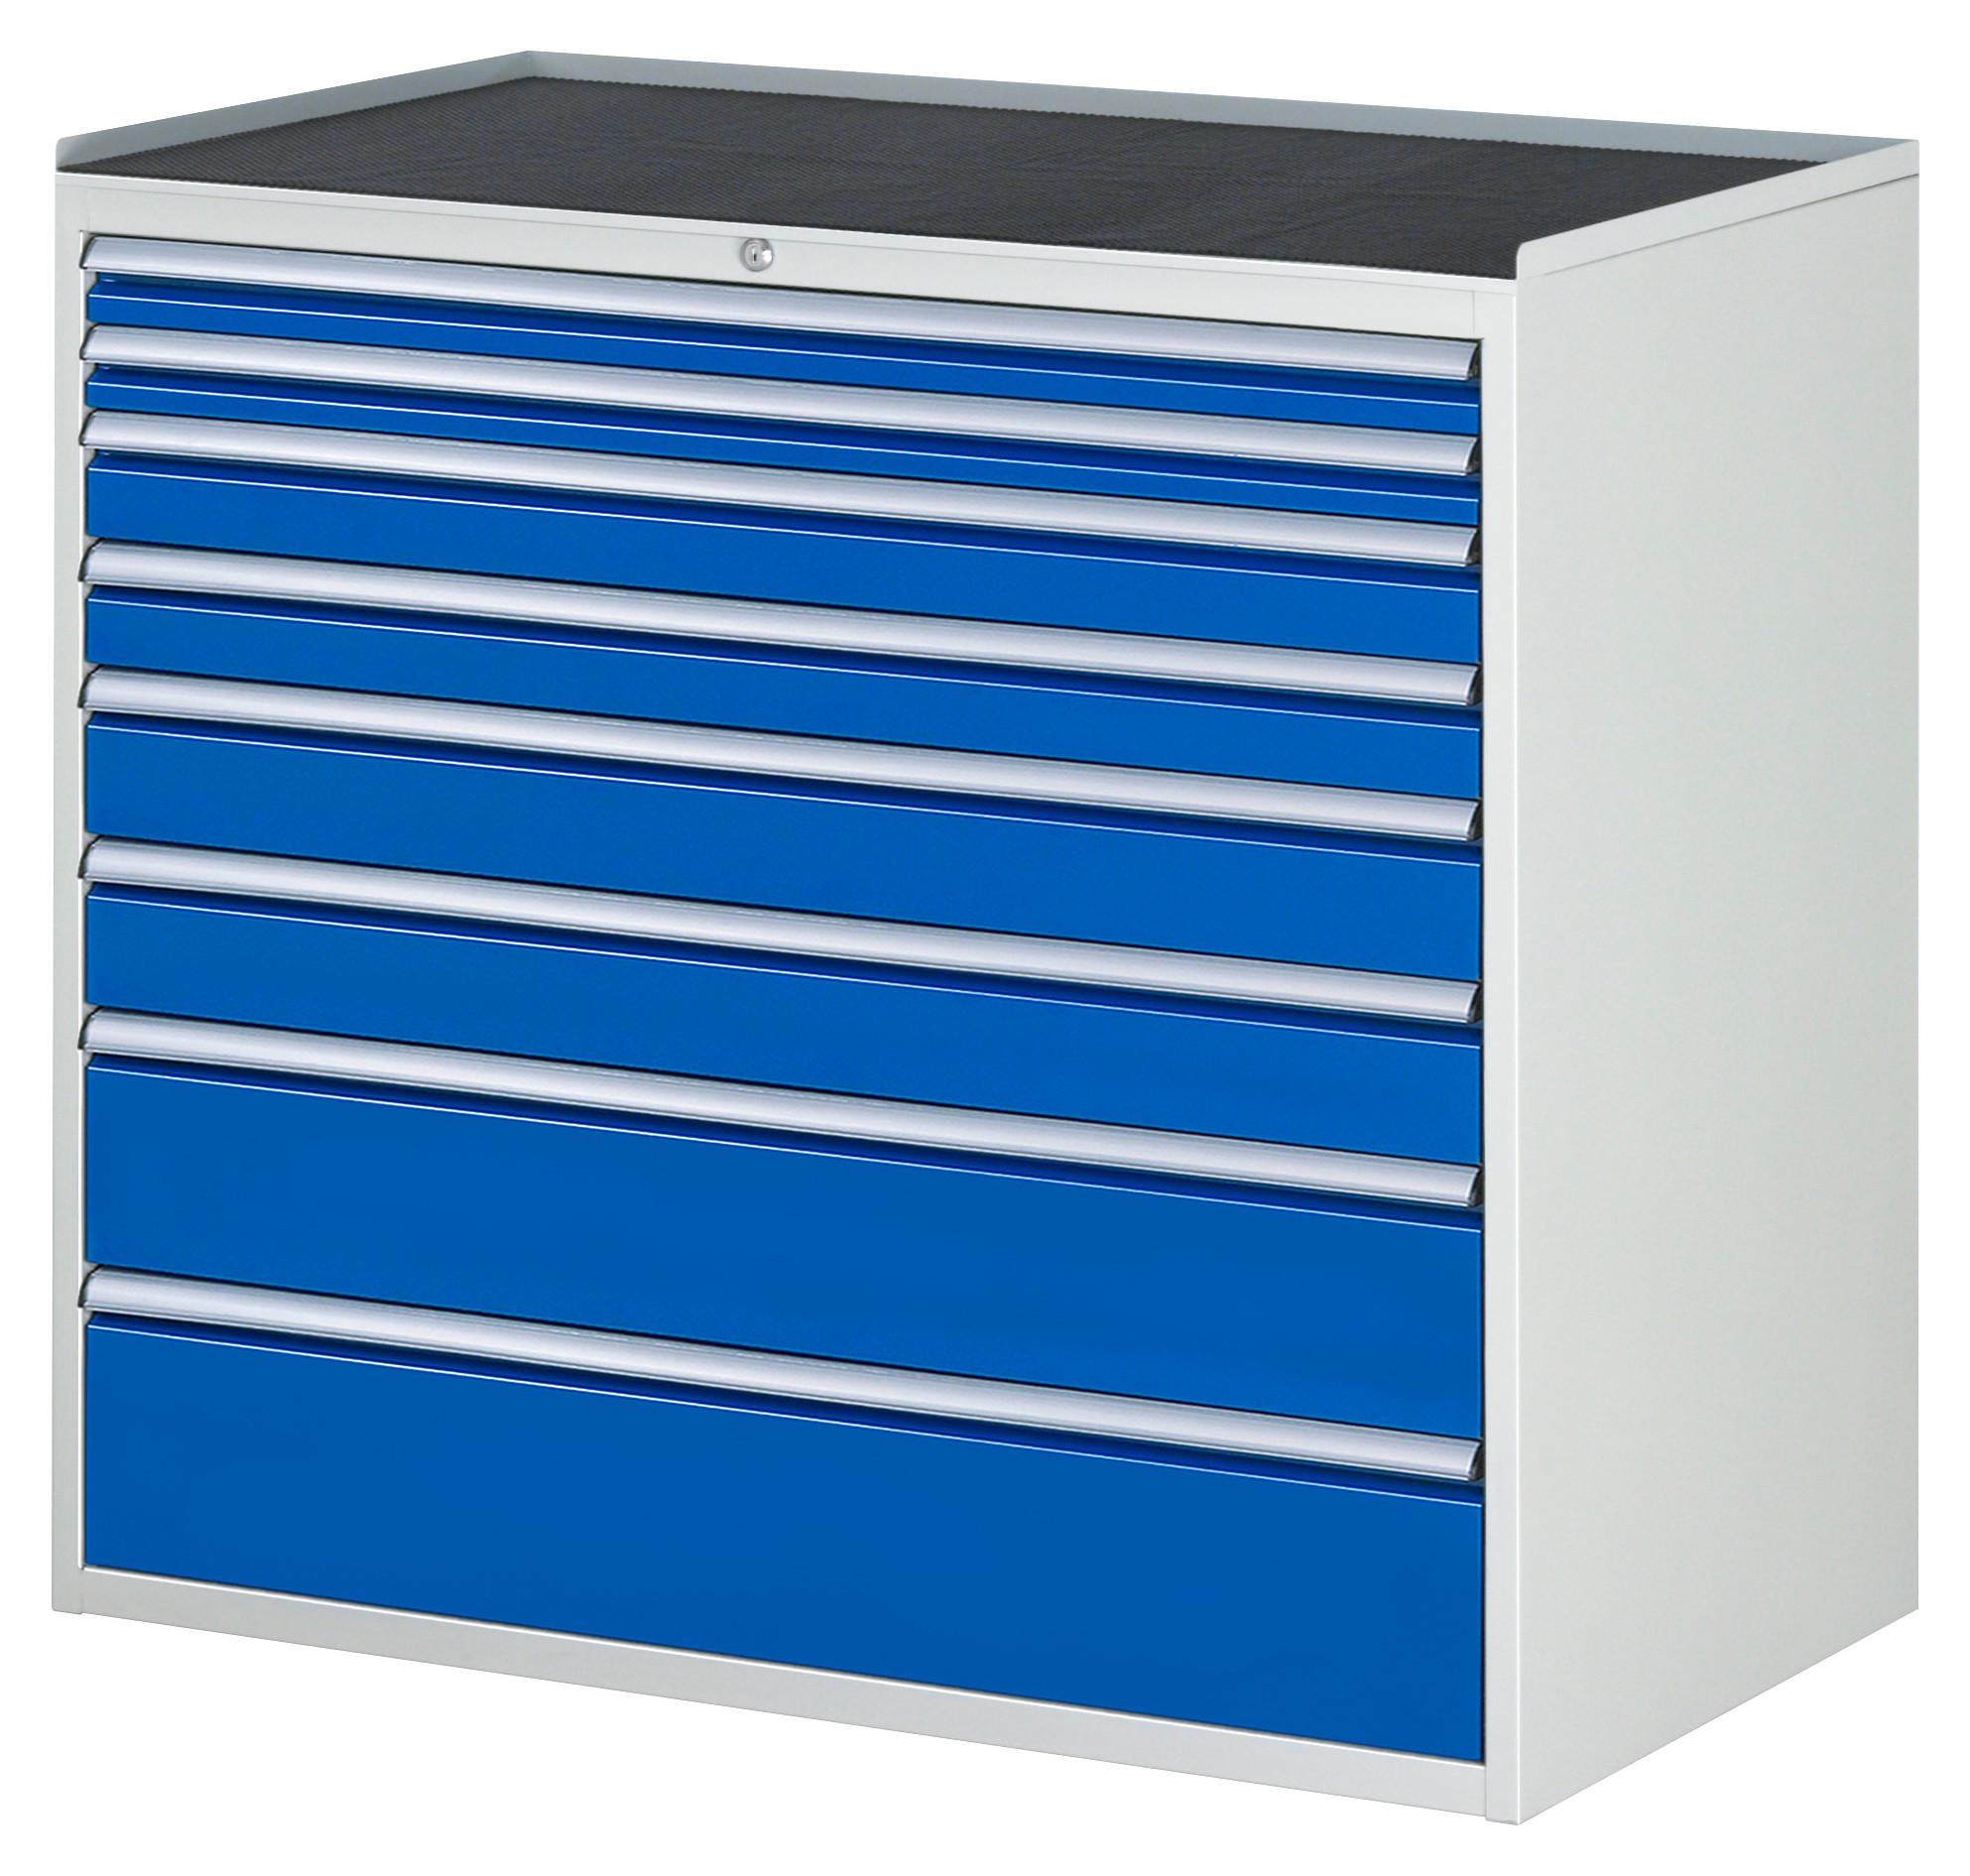 Schubladenschränke | Betriebseinrichtung | Sieper Lagertechnik